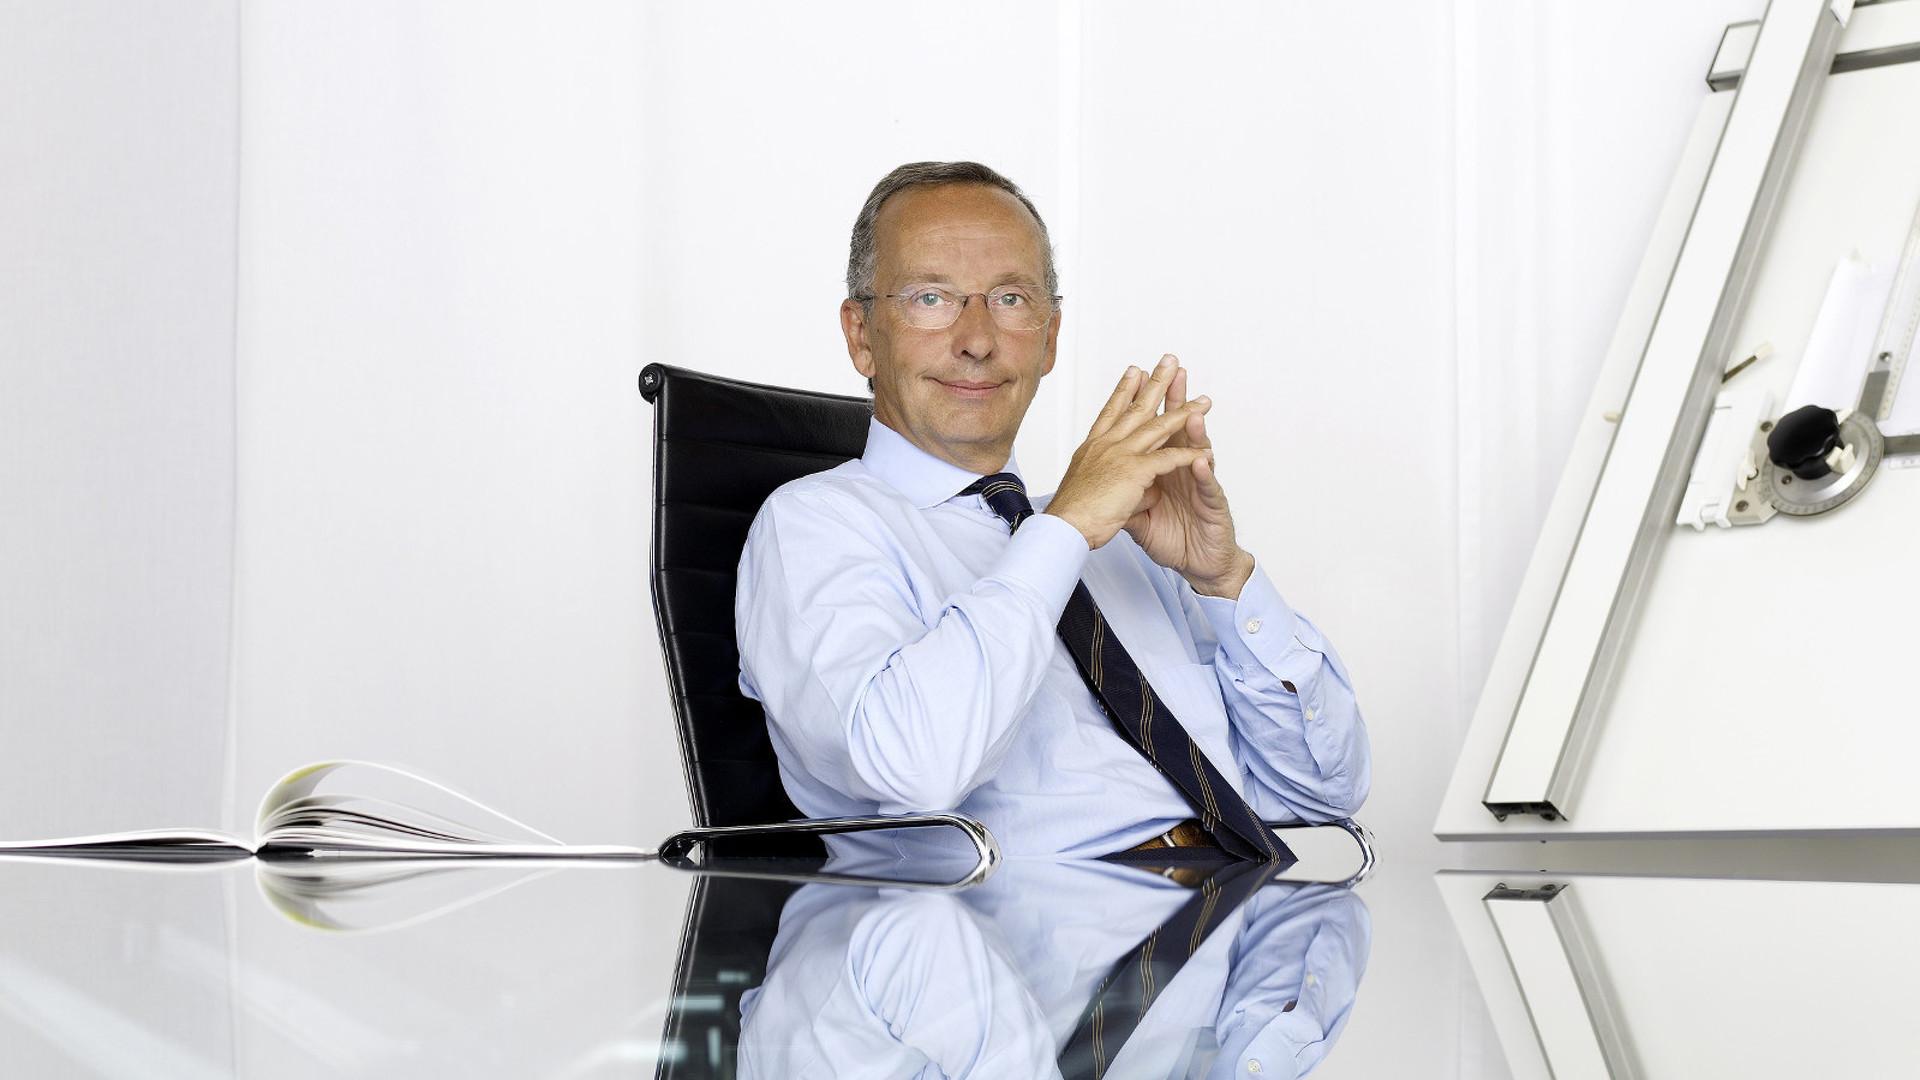 Volkswagen styling guru Walter de Silva retiring